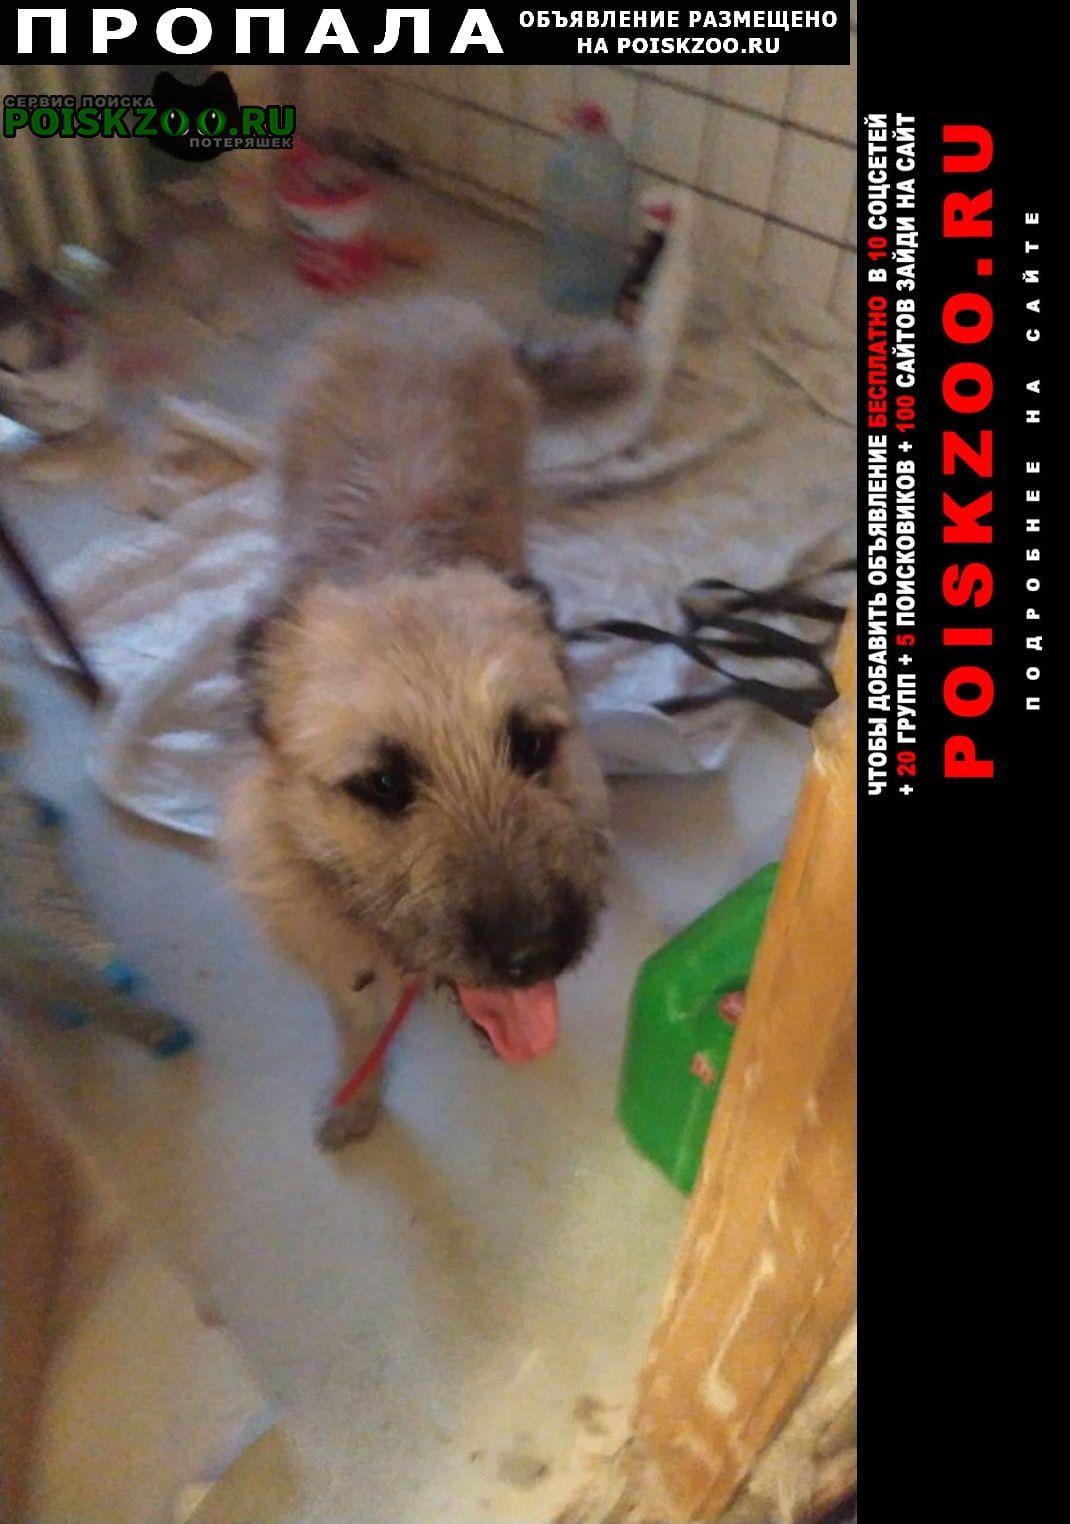 Пропала собака кобель помогите пожалуйста найти тобика Москва